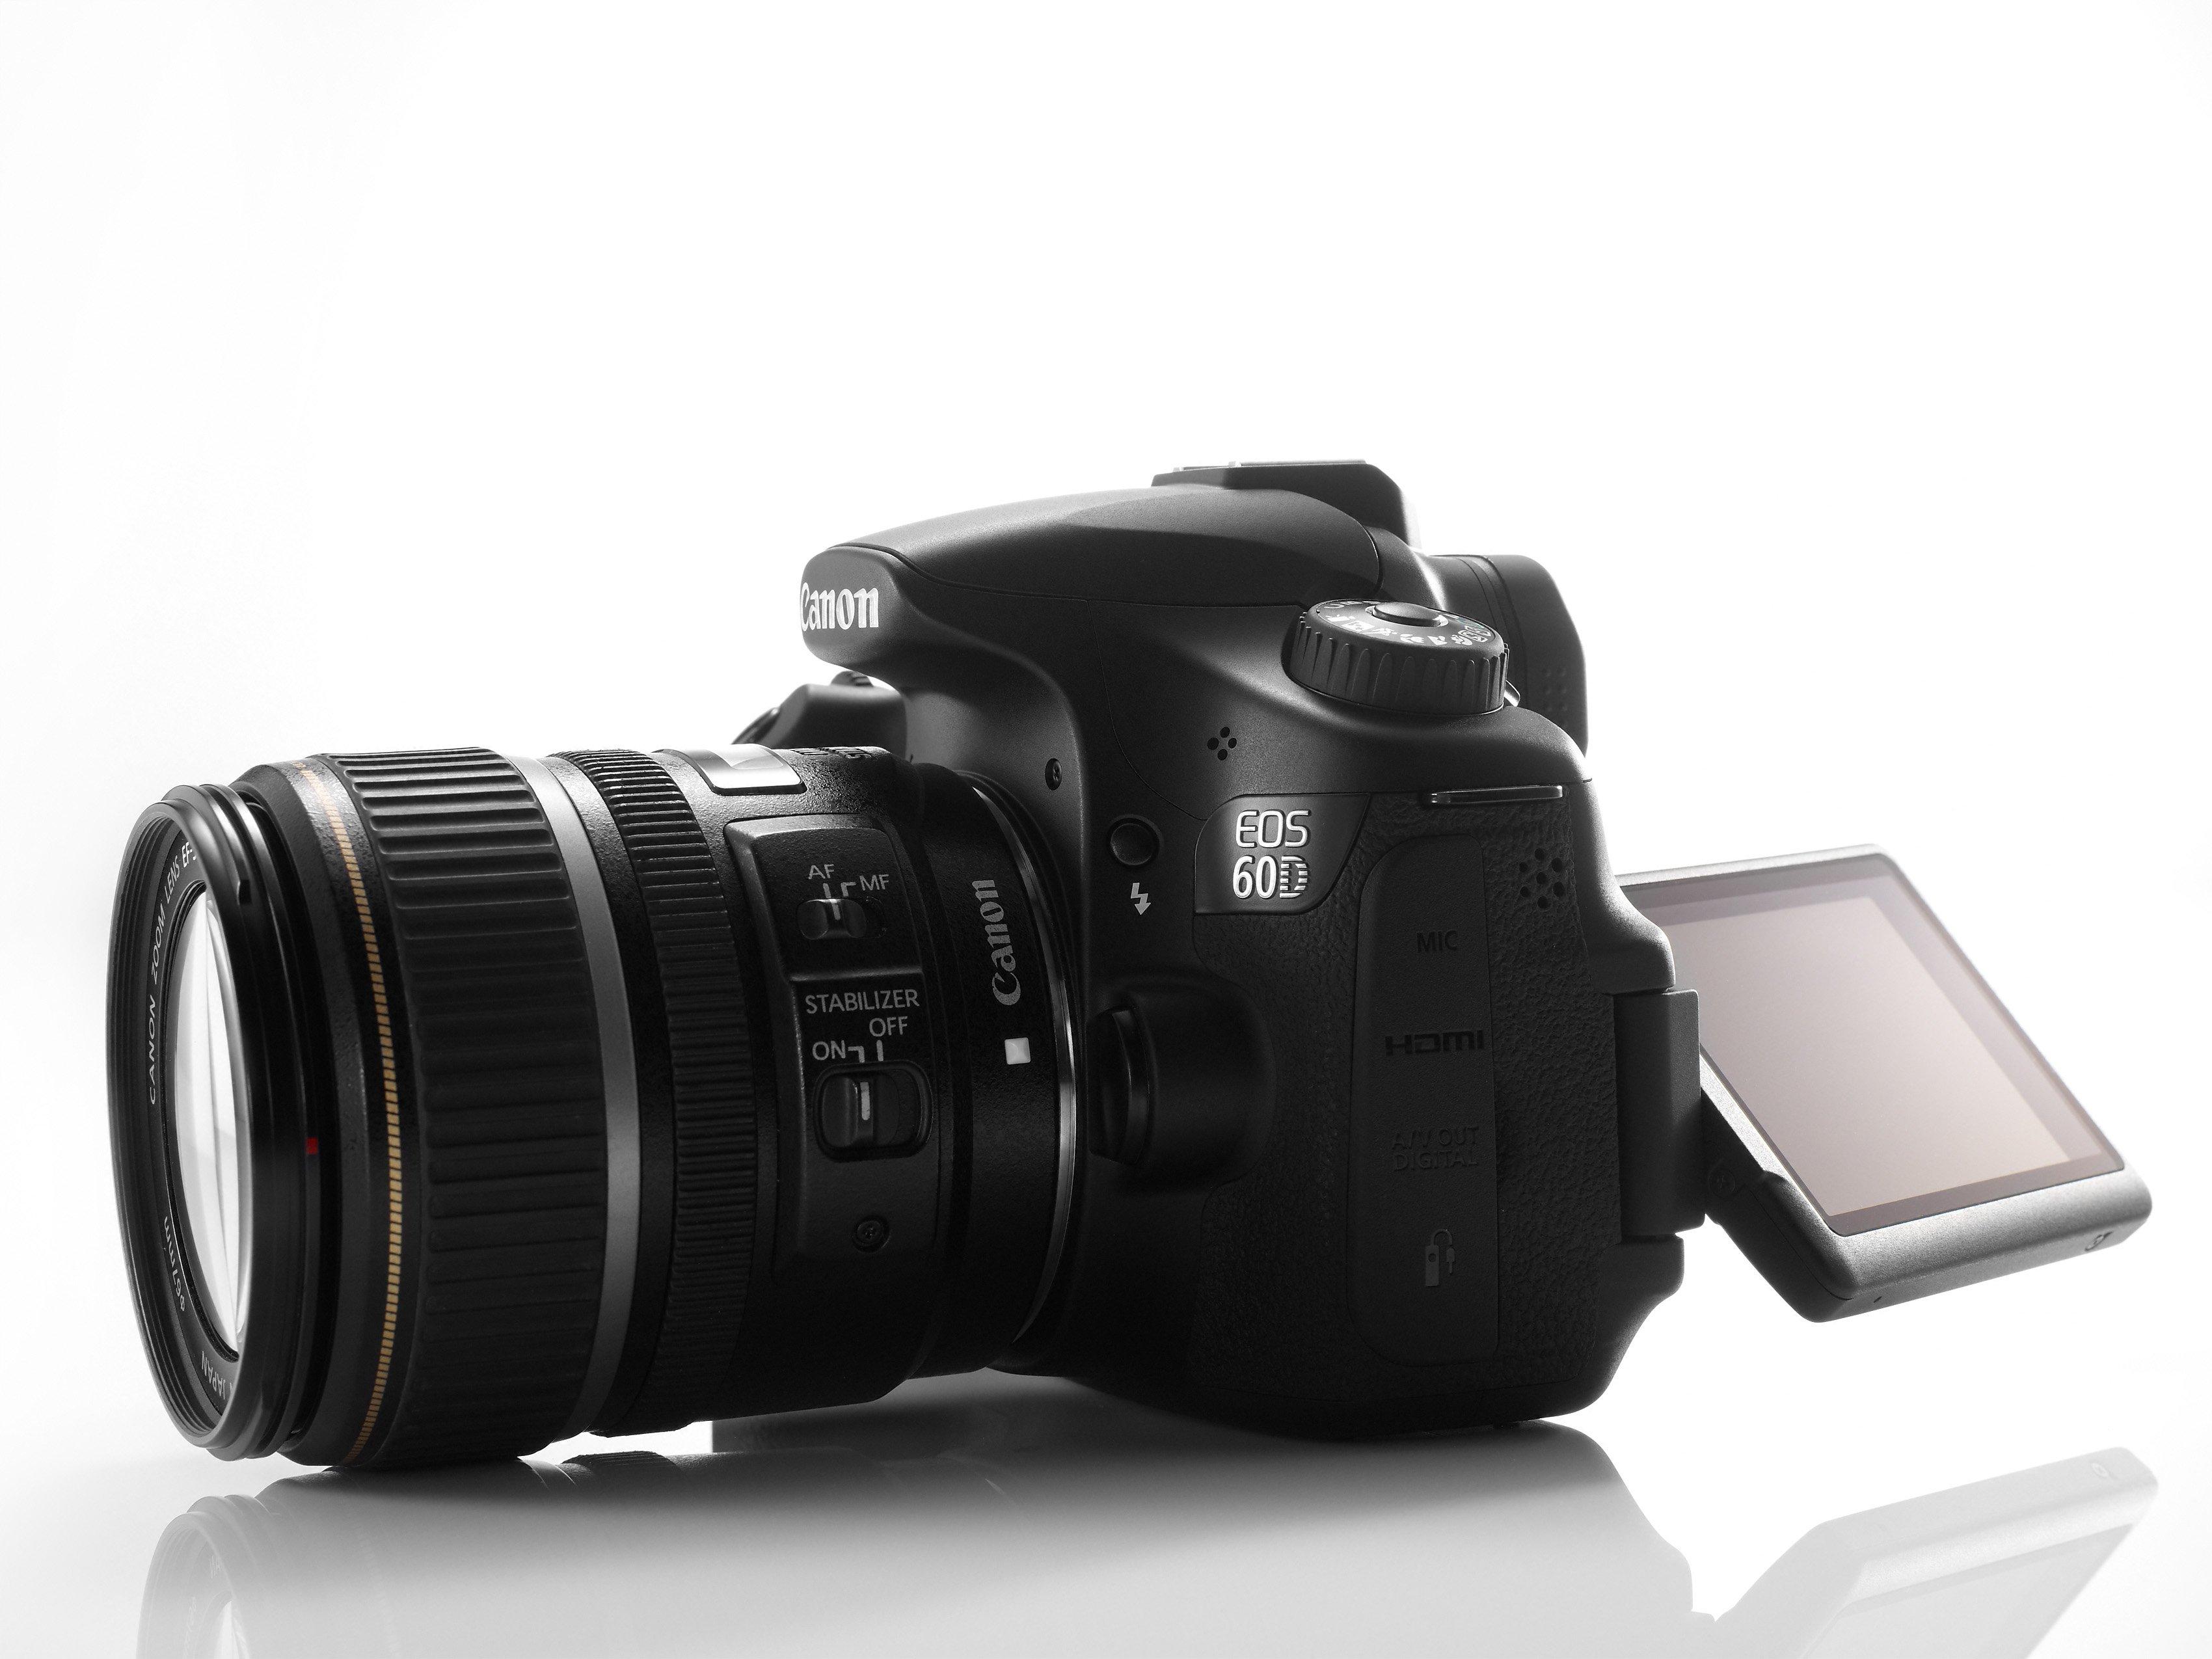 canon officialise son reflex 60d avec